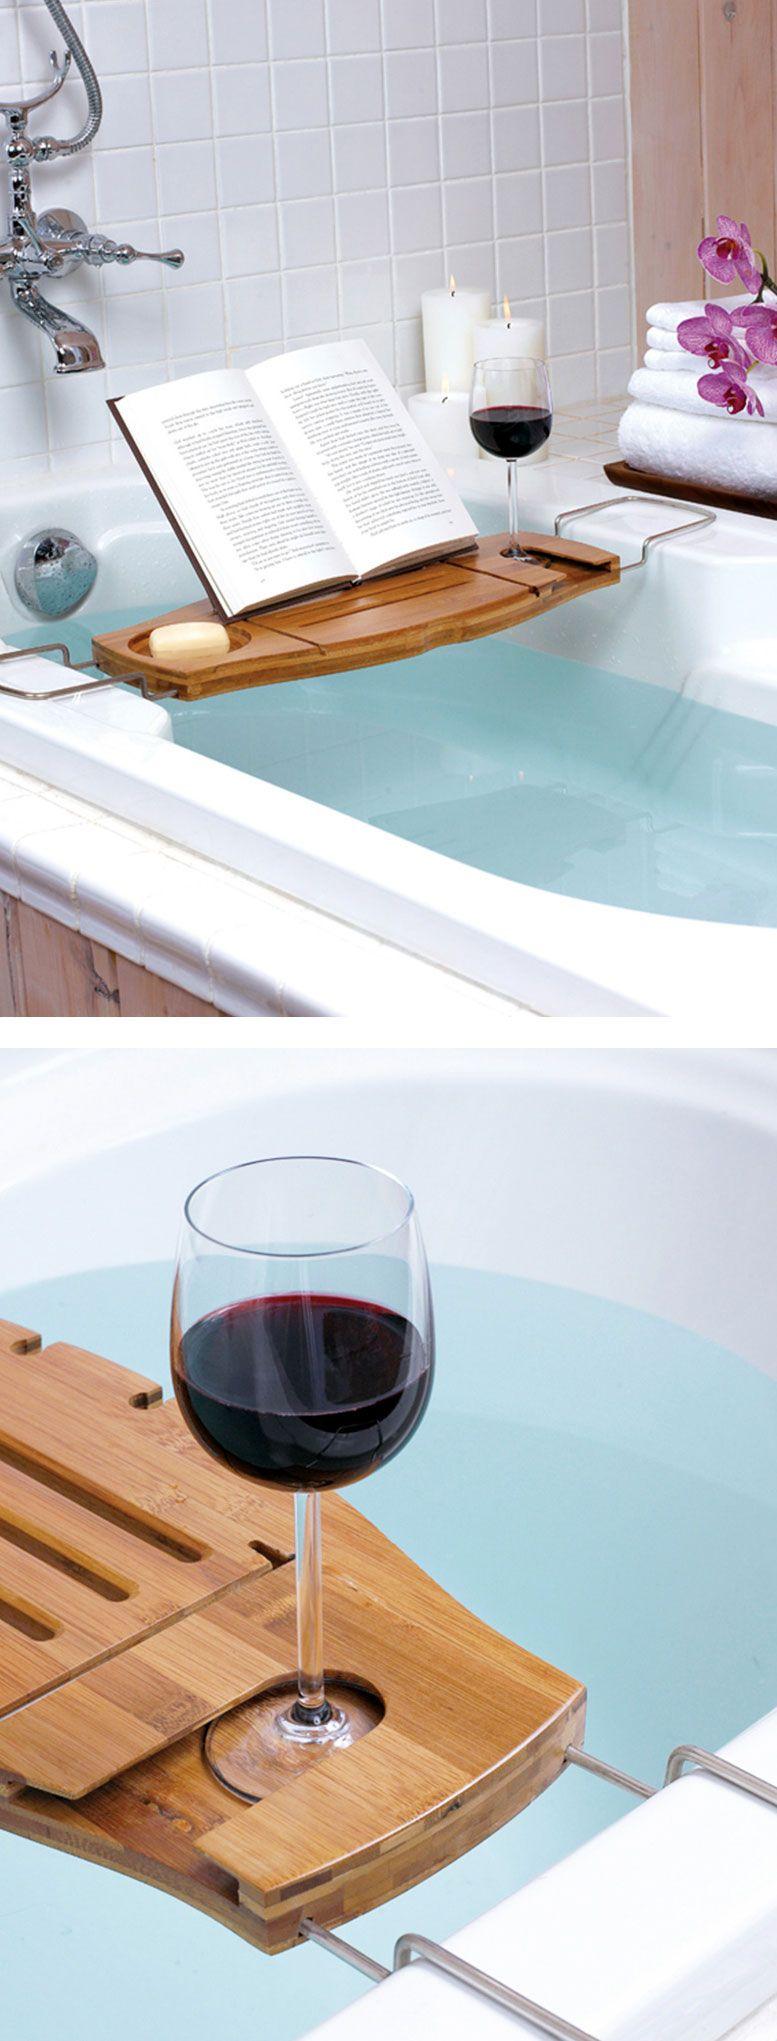 Bath Caddy | Bath | Pinterest | Bath caddy, Bath tubs and Bath